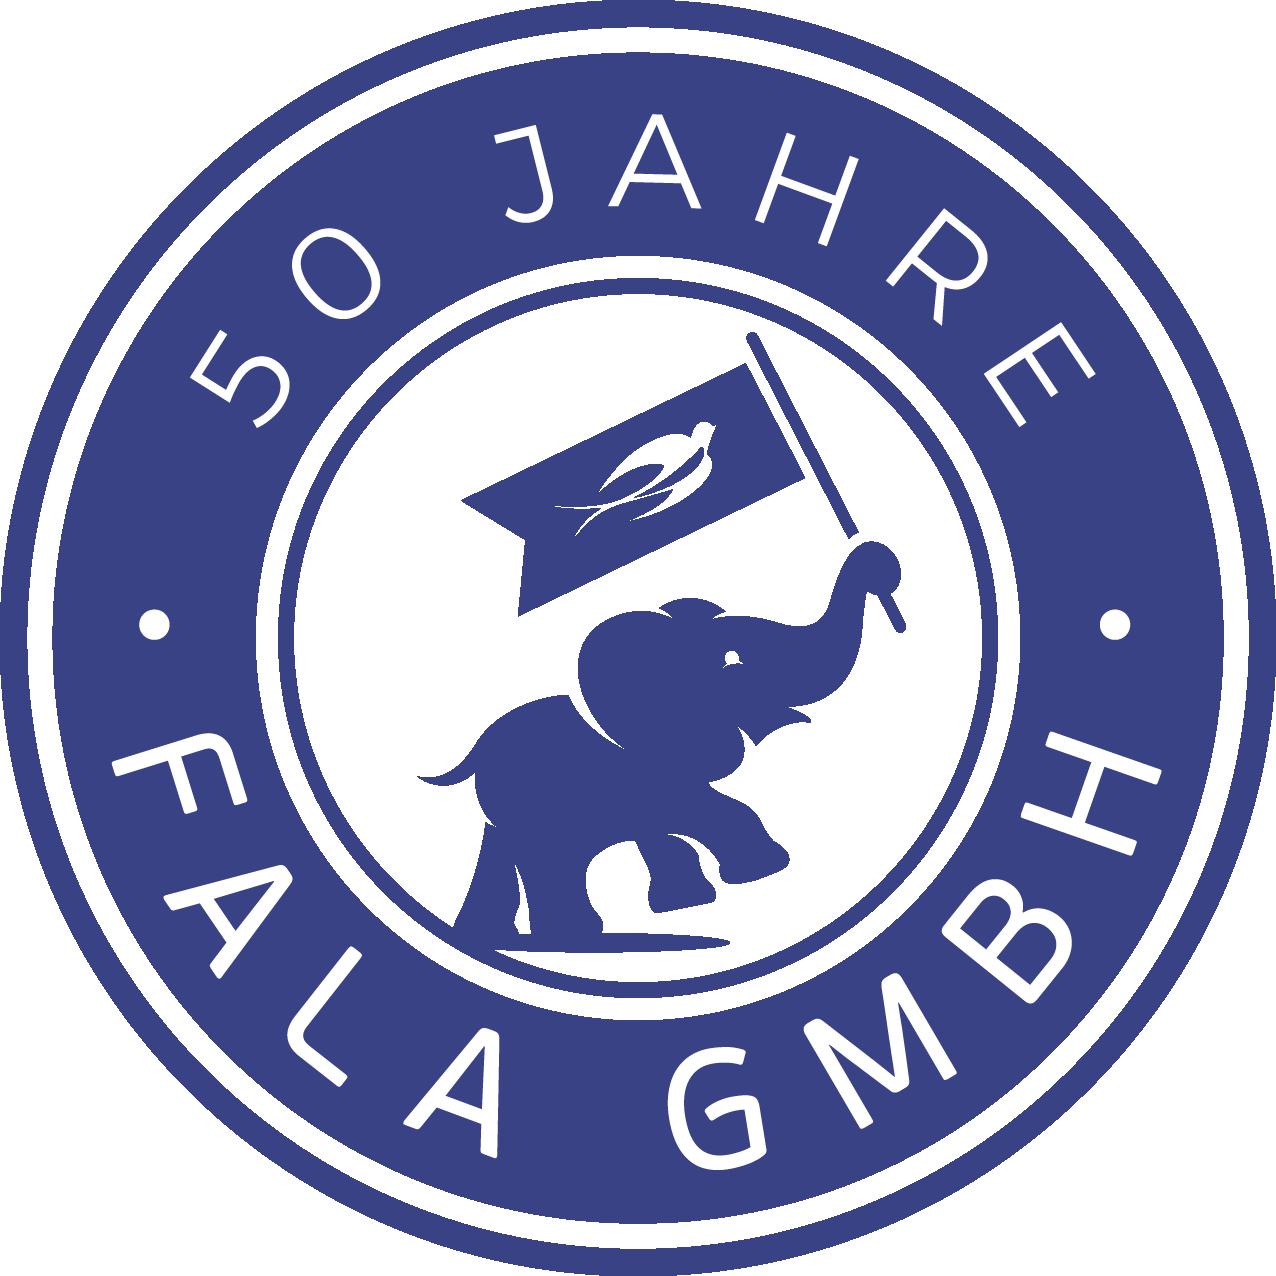 Ein kreatives Logodesign für 50 Jahre des Elefanten-Schwalbe Unternehmens